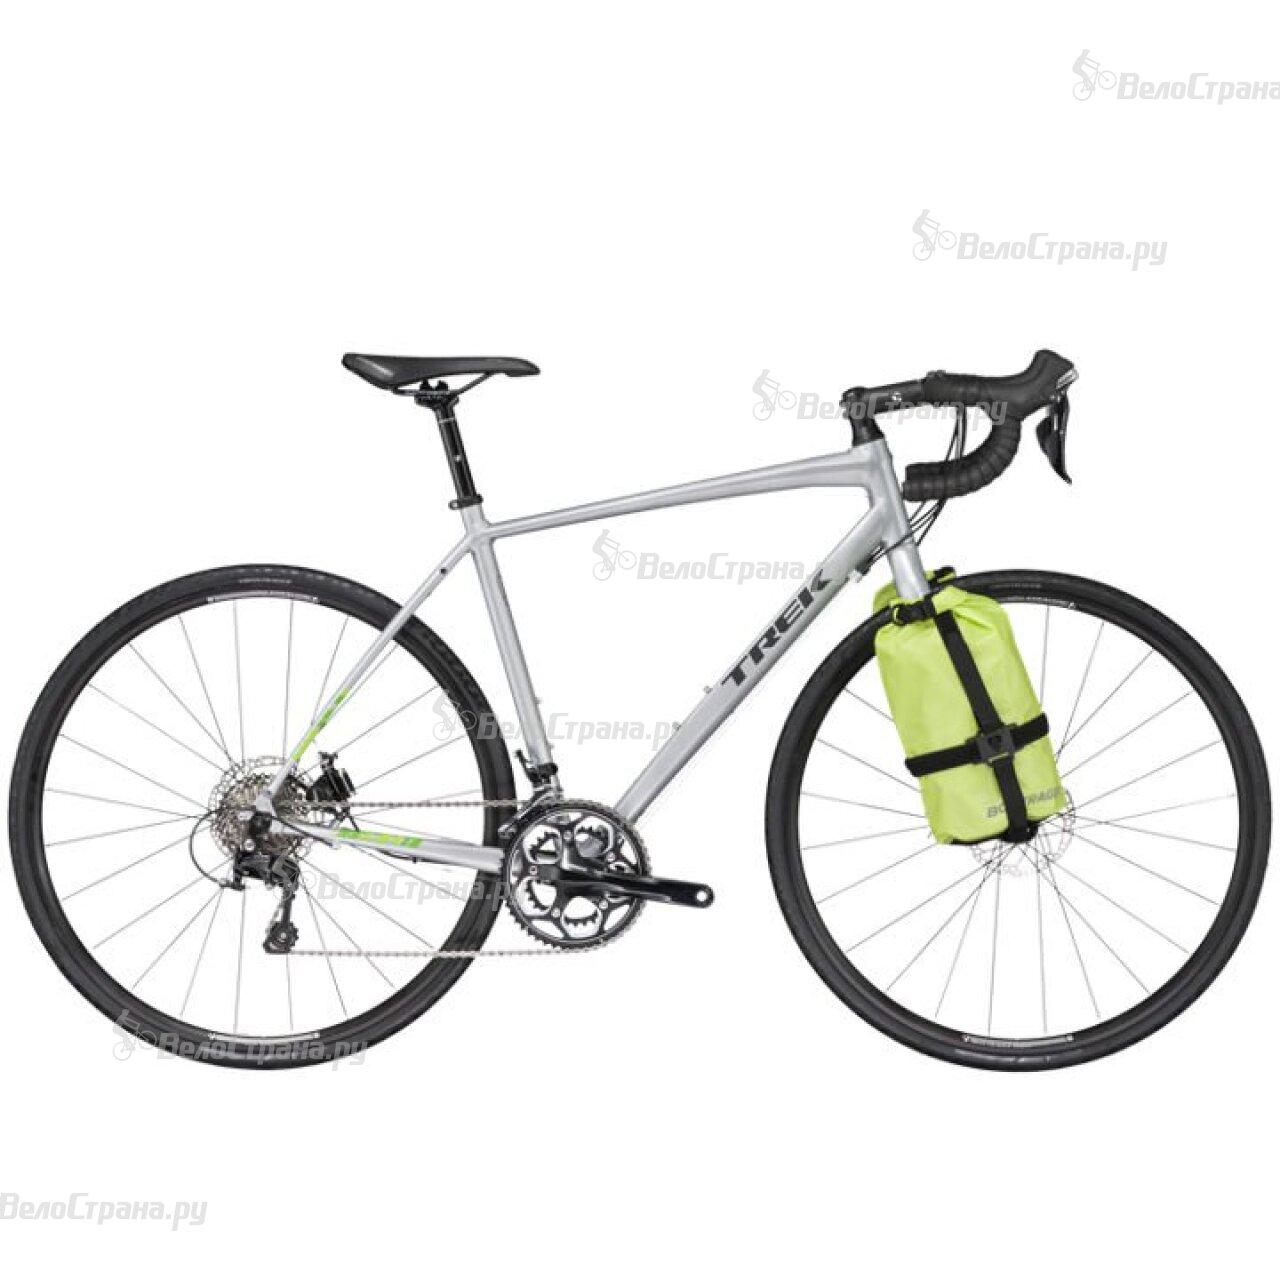 Велосипед Trek 720 Disc (2017) lifan 720 720